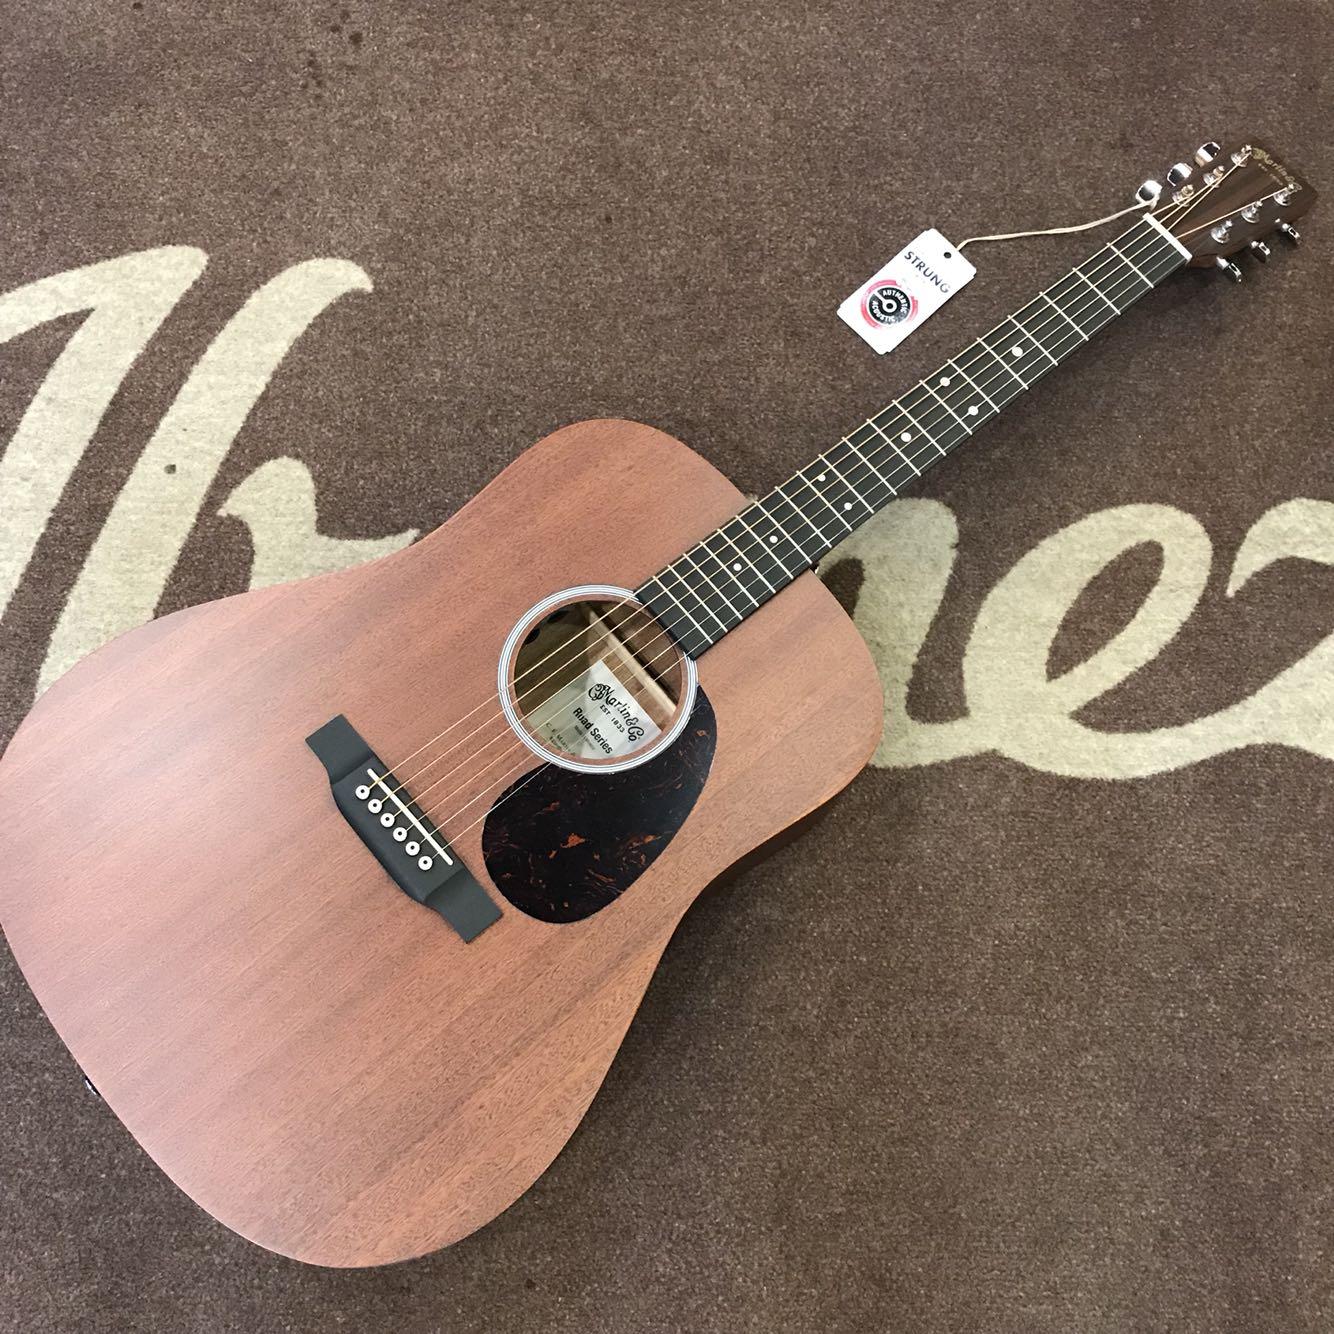 マーティンティンティンD 10 E 01全シングルサウンドトラック民謡D 10 E-01ギター専門のオールシングルギター